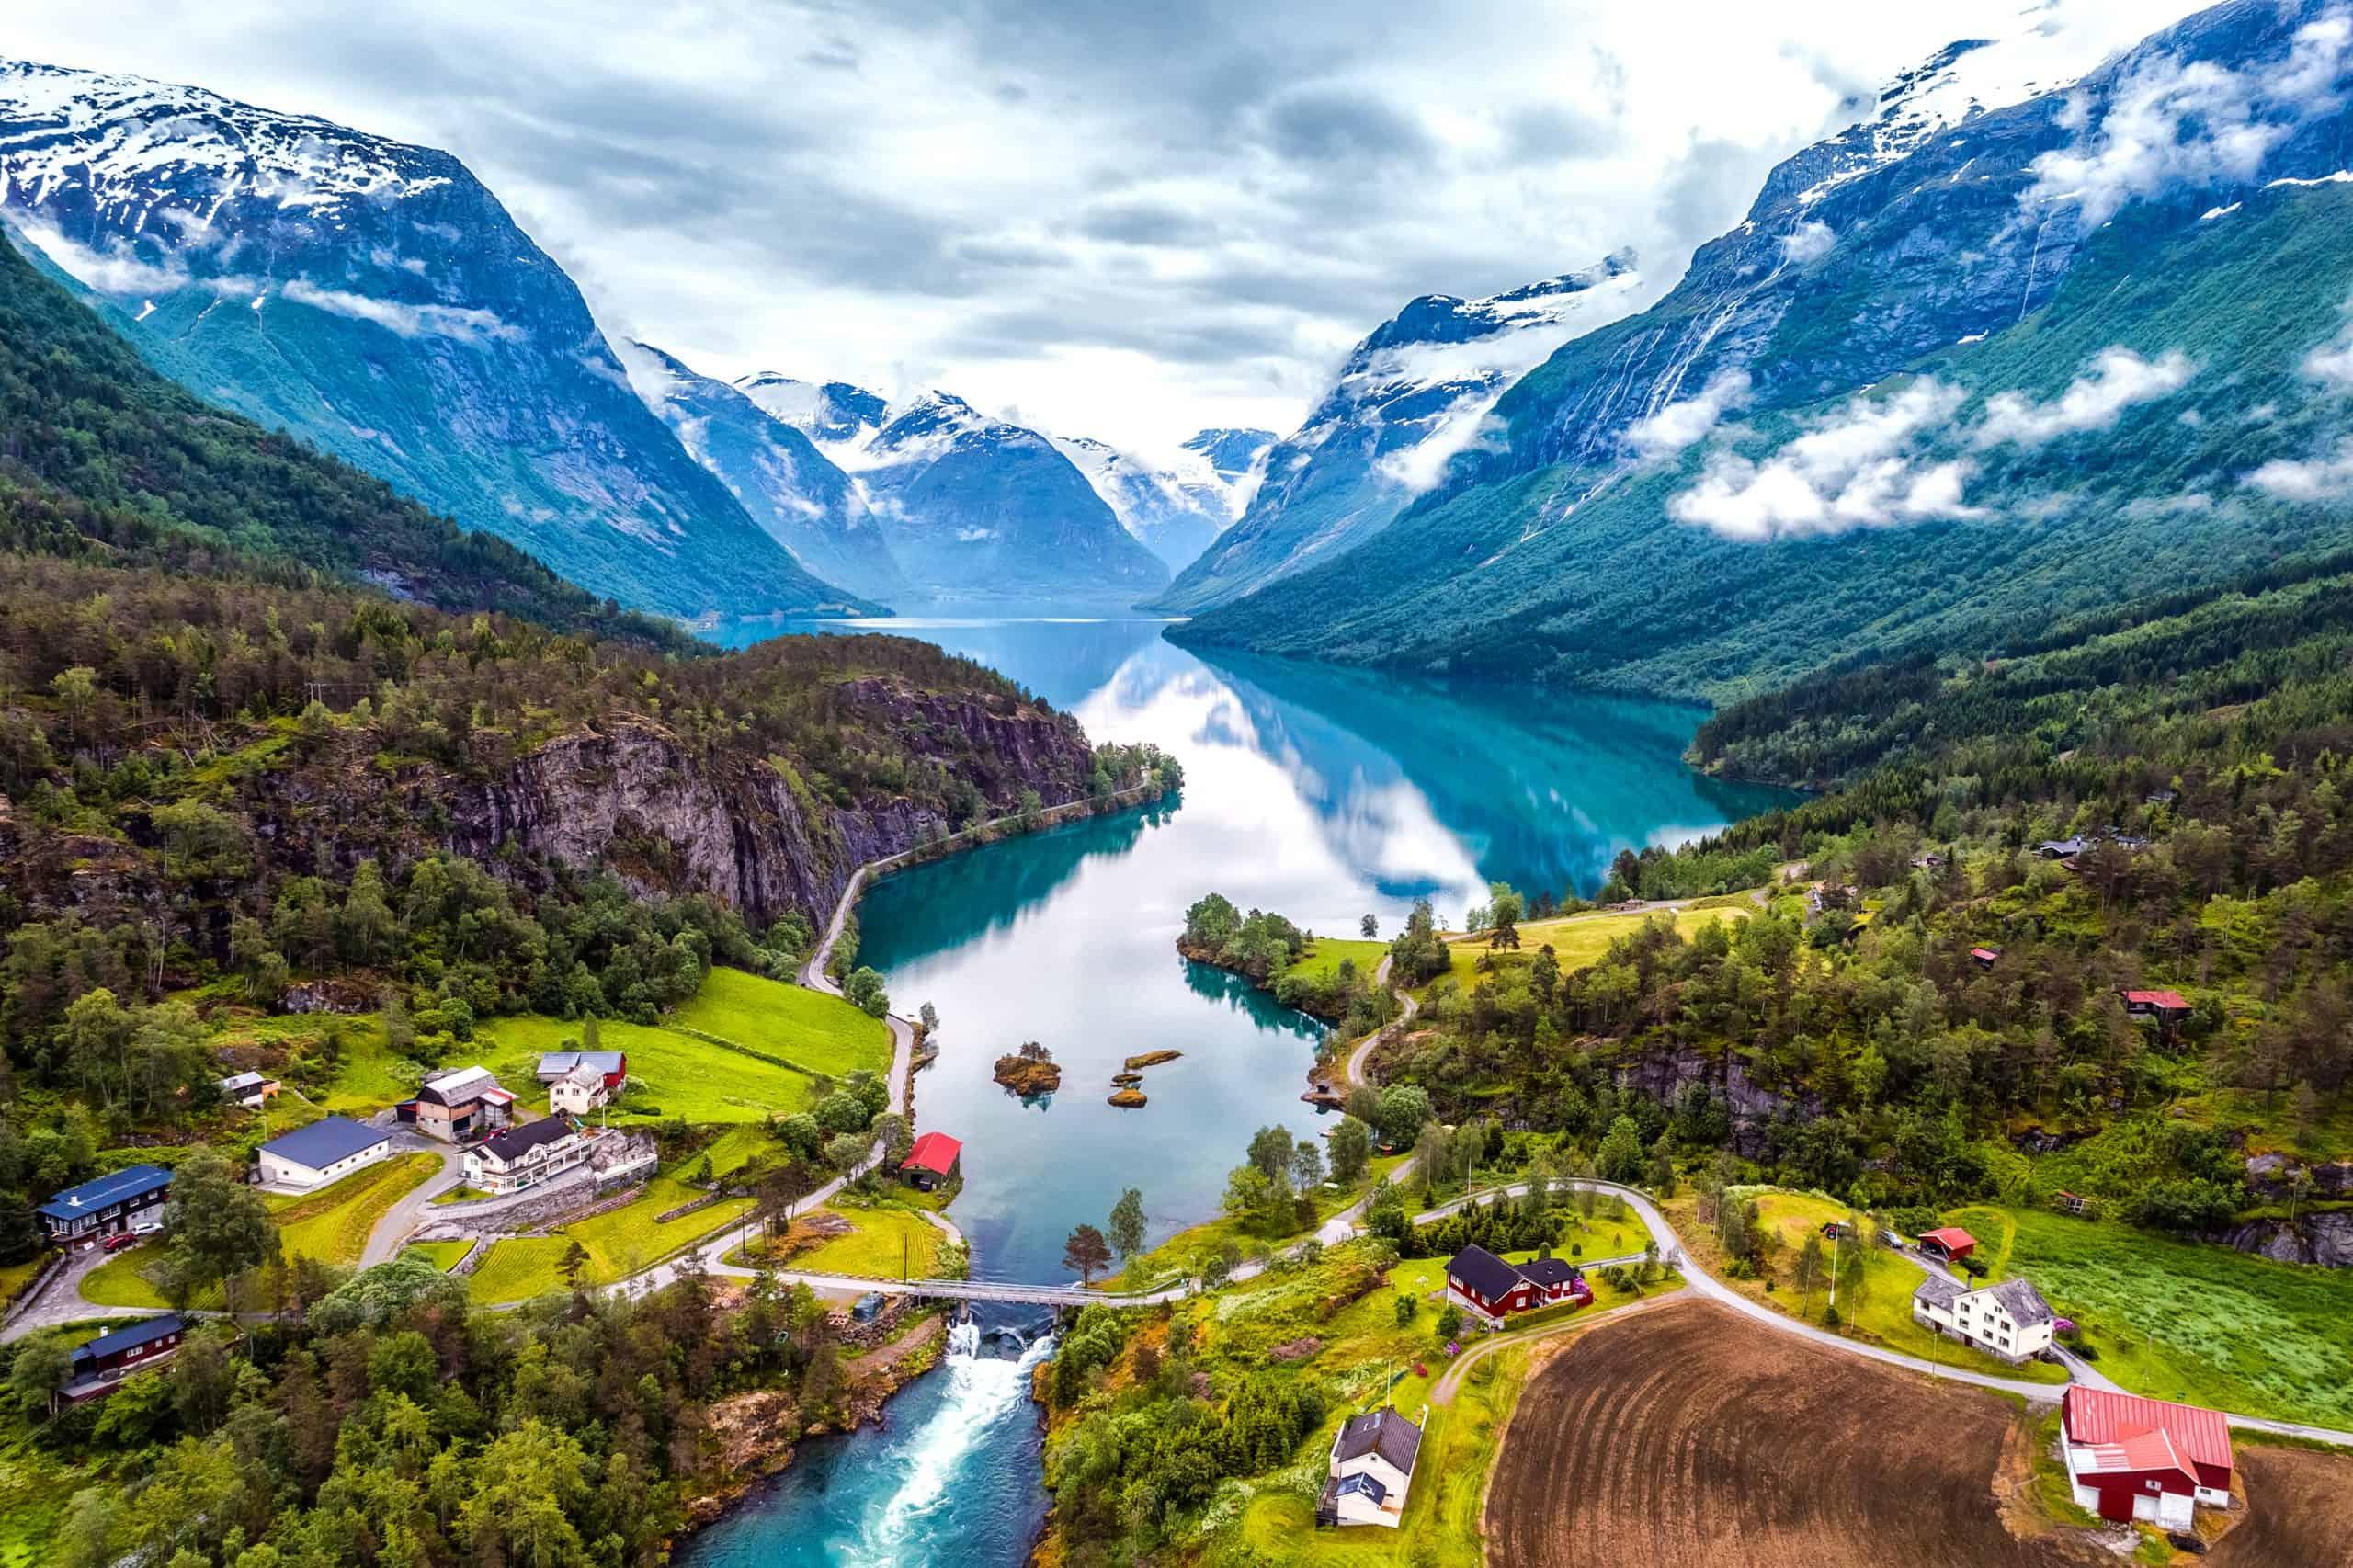 Noorwegen vakantie